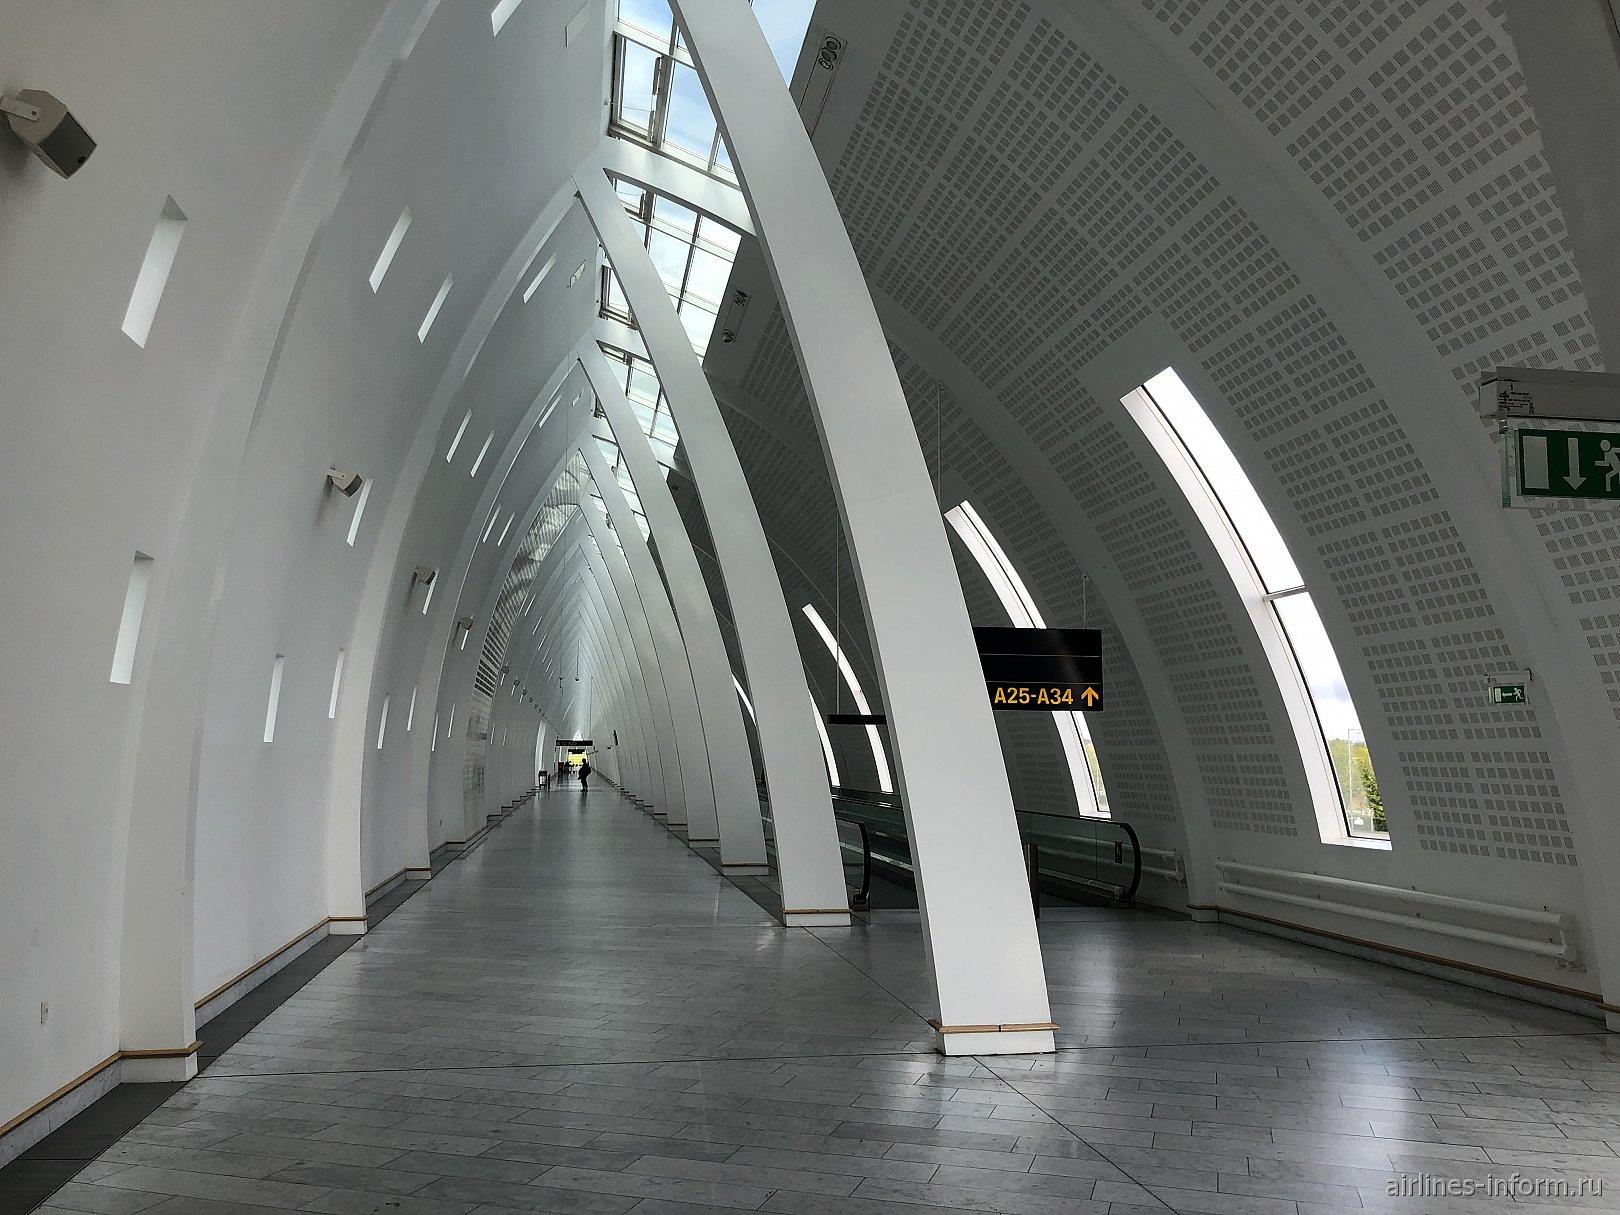 Галерея к гейтам A25-A34 в терминале 2 аэропорта Копенгаген Каструп